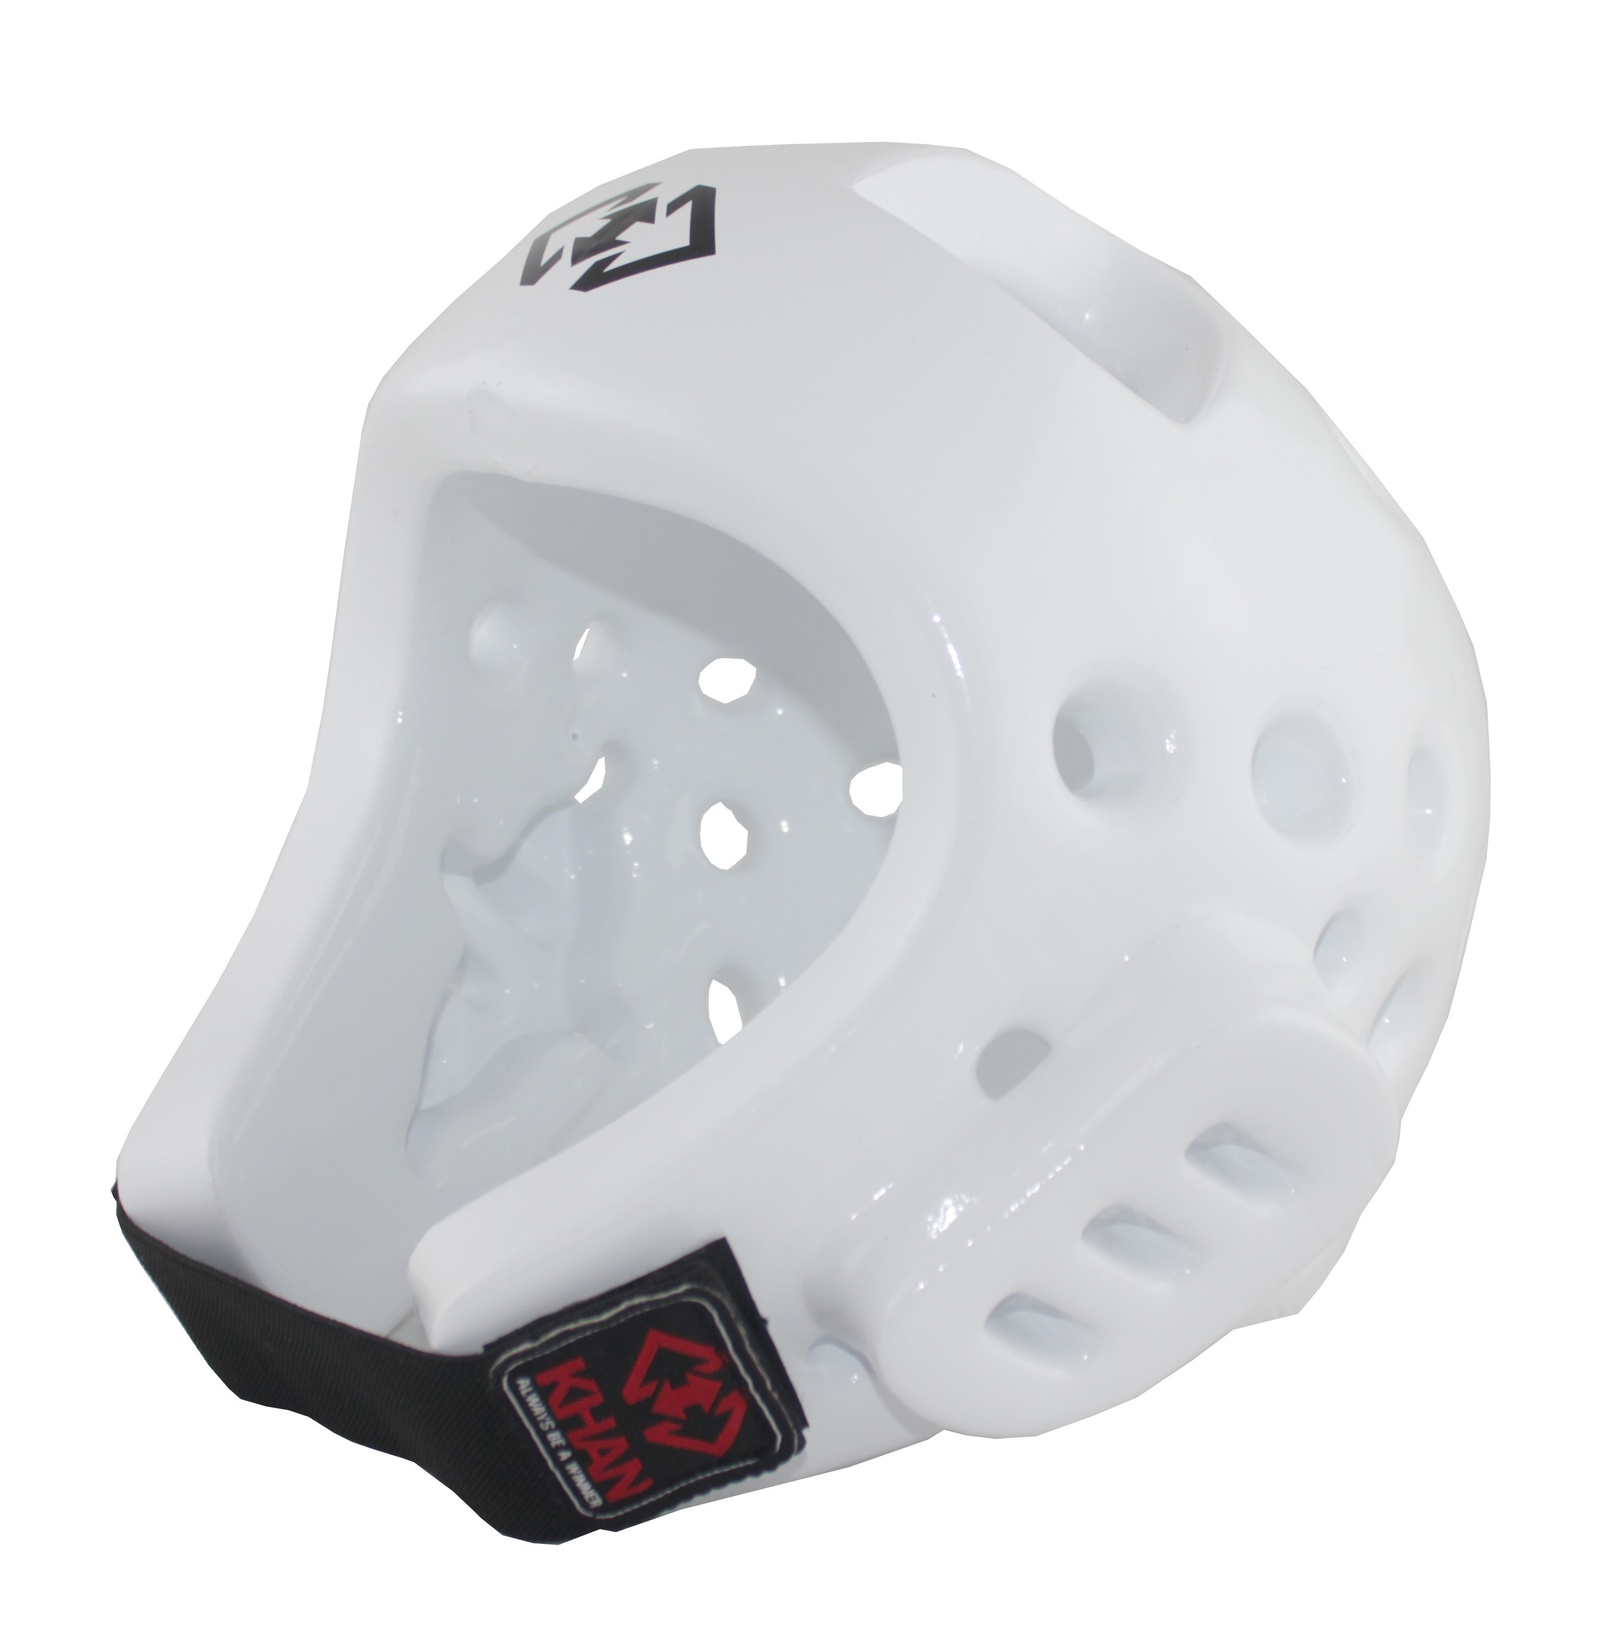 Защита головы (шлем) Khan Club белый, цвет: белый. E1106801_3. Размер M цена и фото